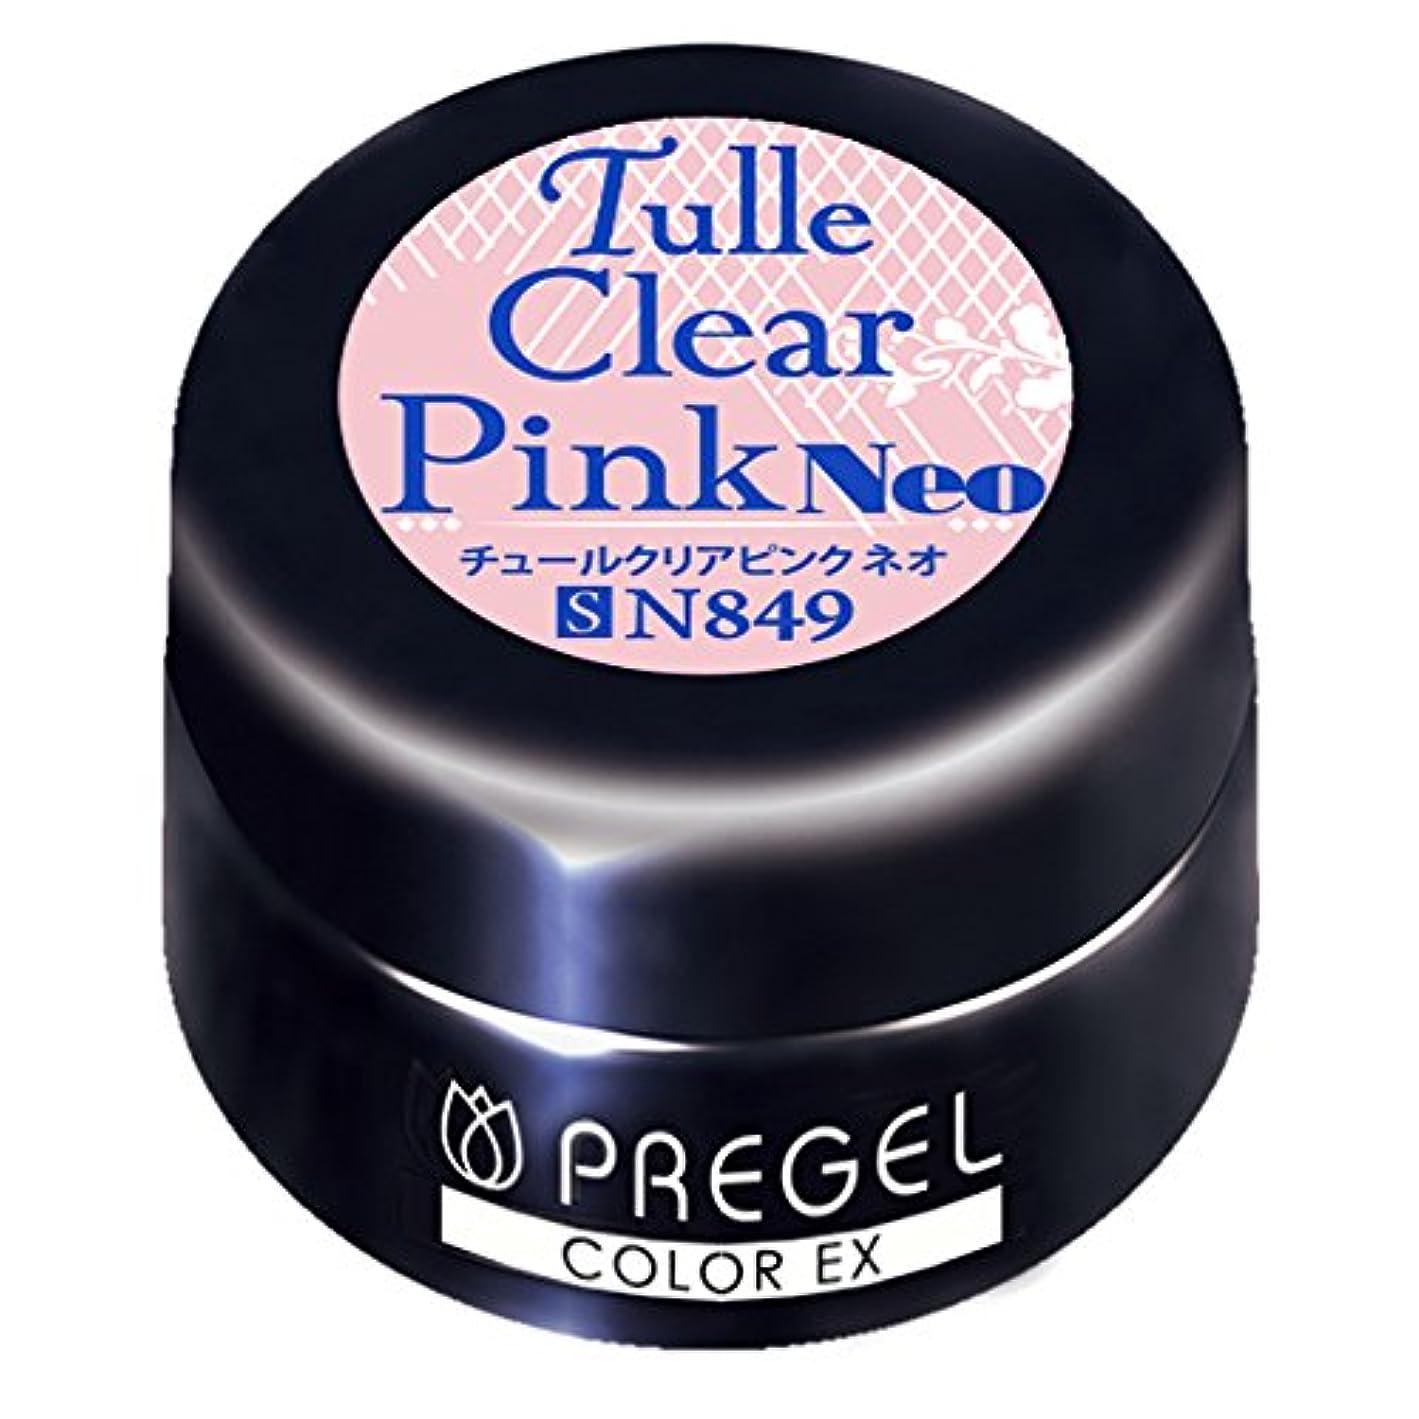 虚栄心ディンカルビルロマンスPRE GEL カラーEX チュールクリアピンクneo849 3g UV/LED対応